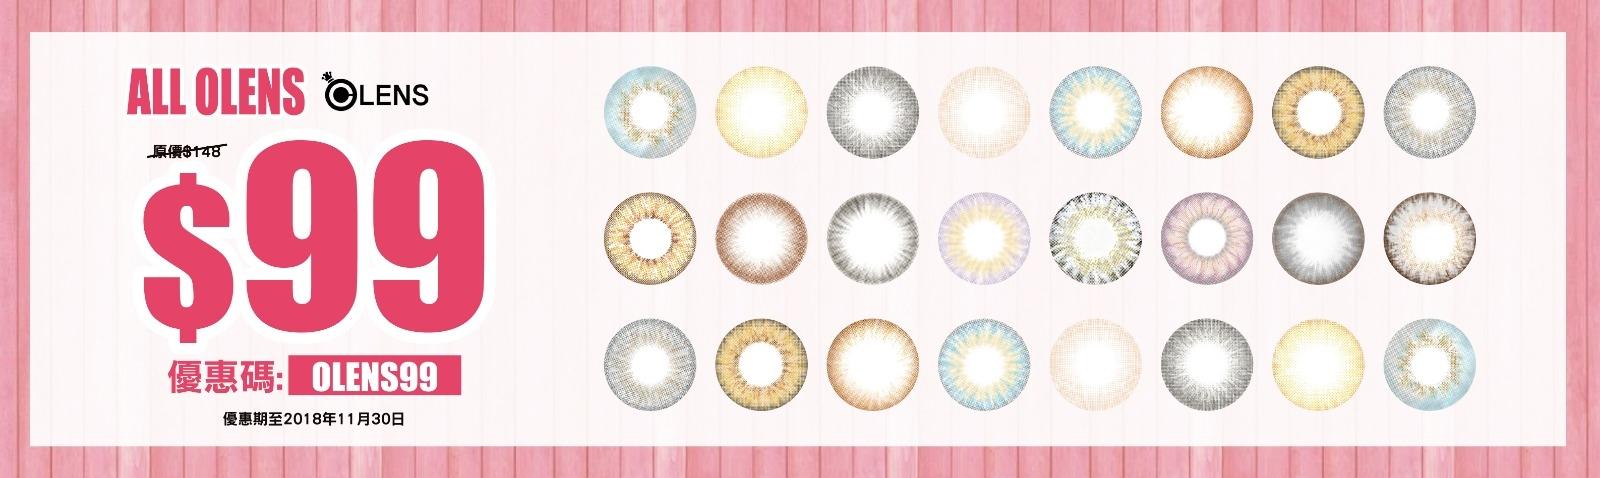 CON,隱形眼鏡,pinkicon,olens,sweetymagic